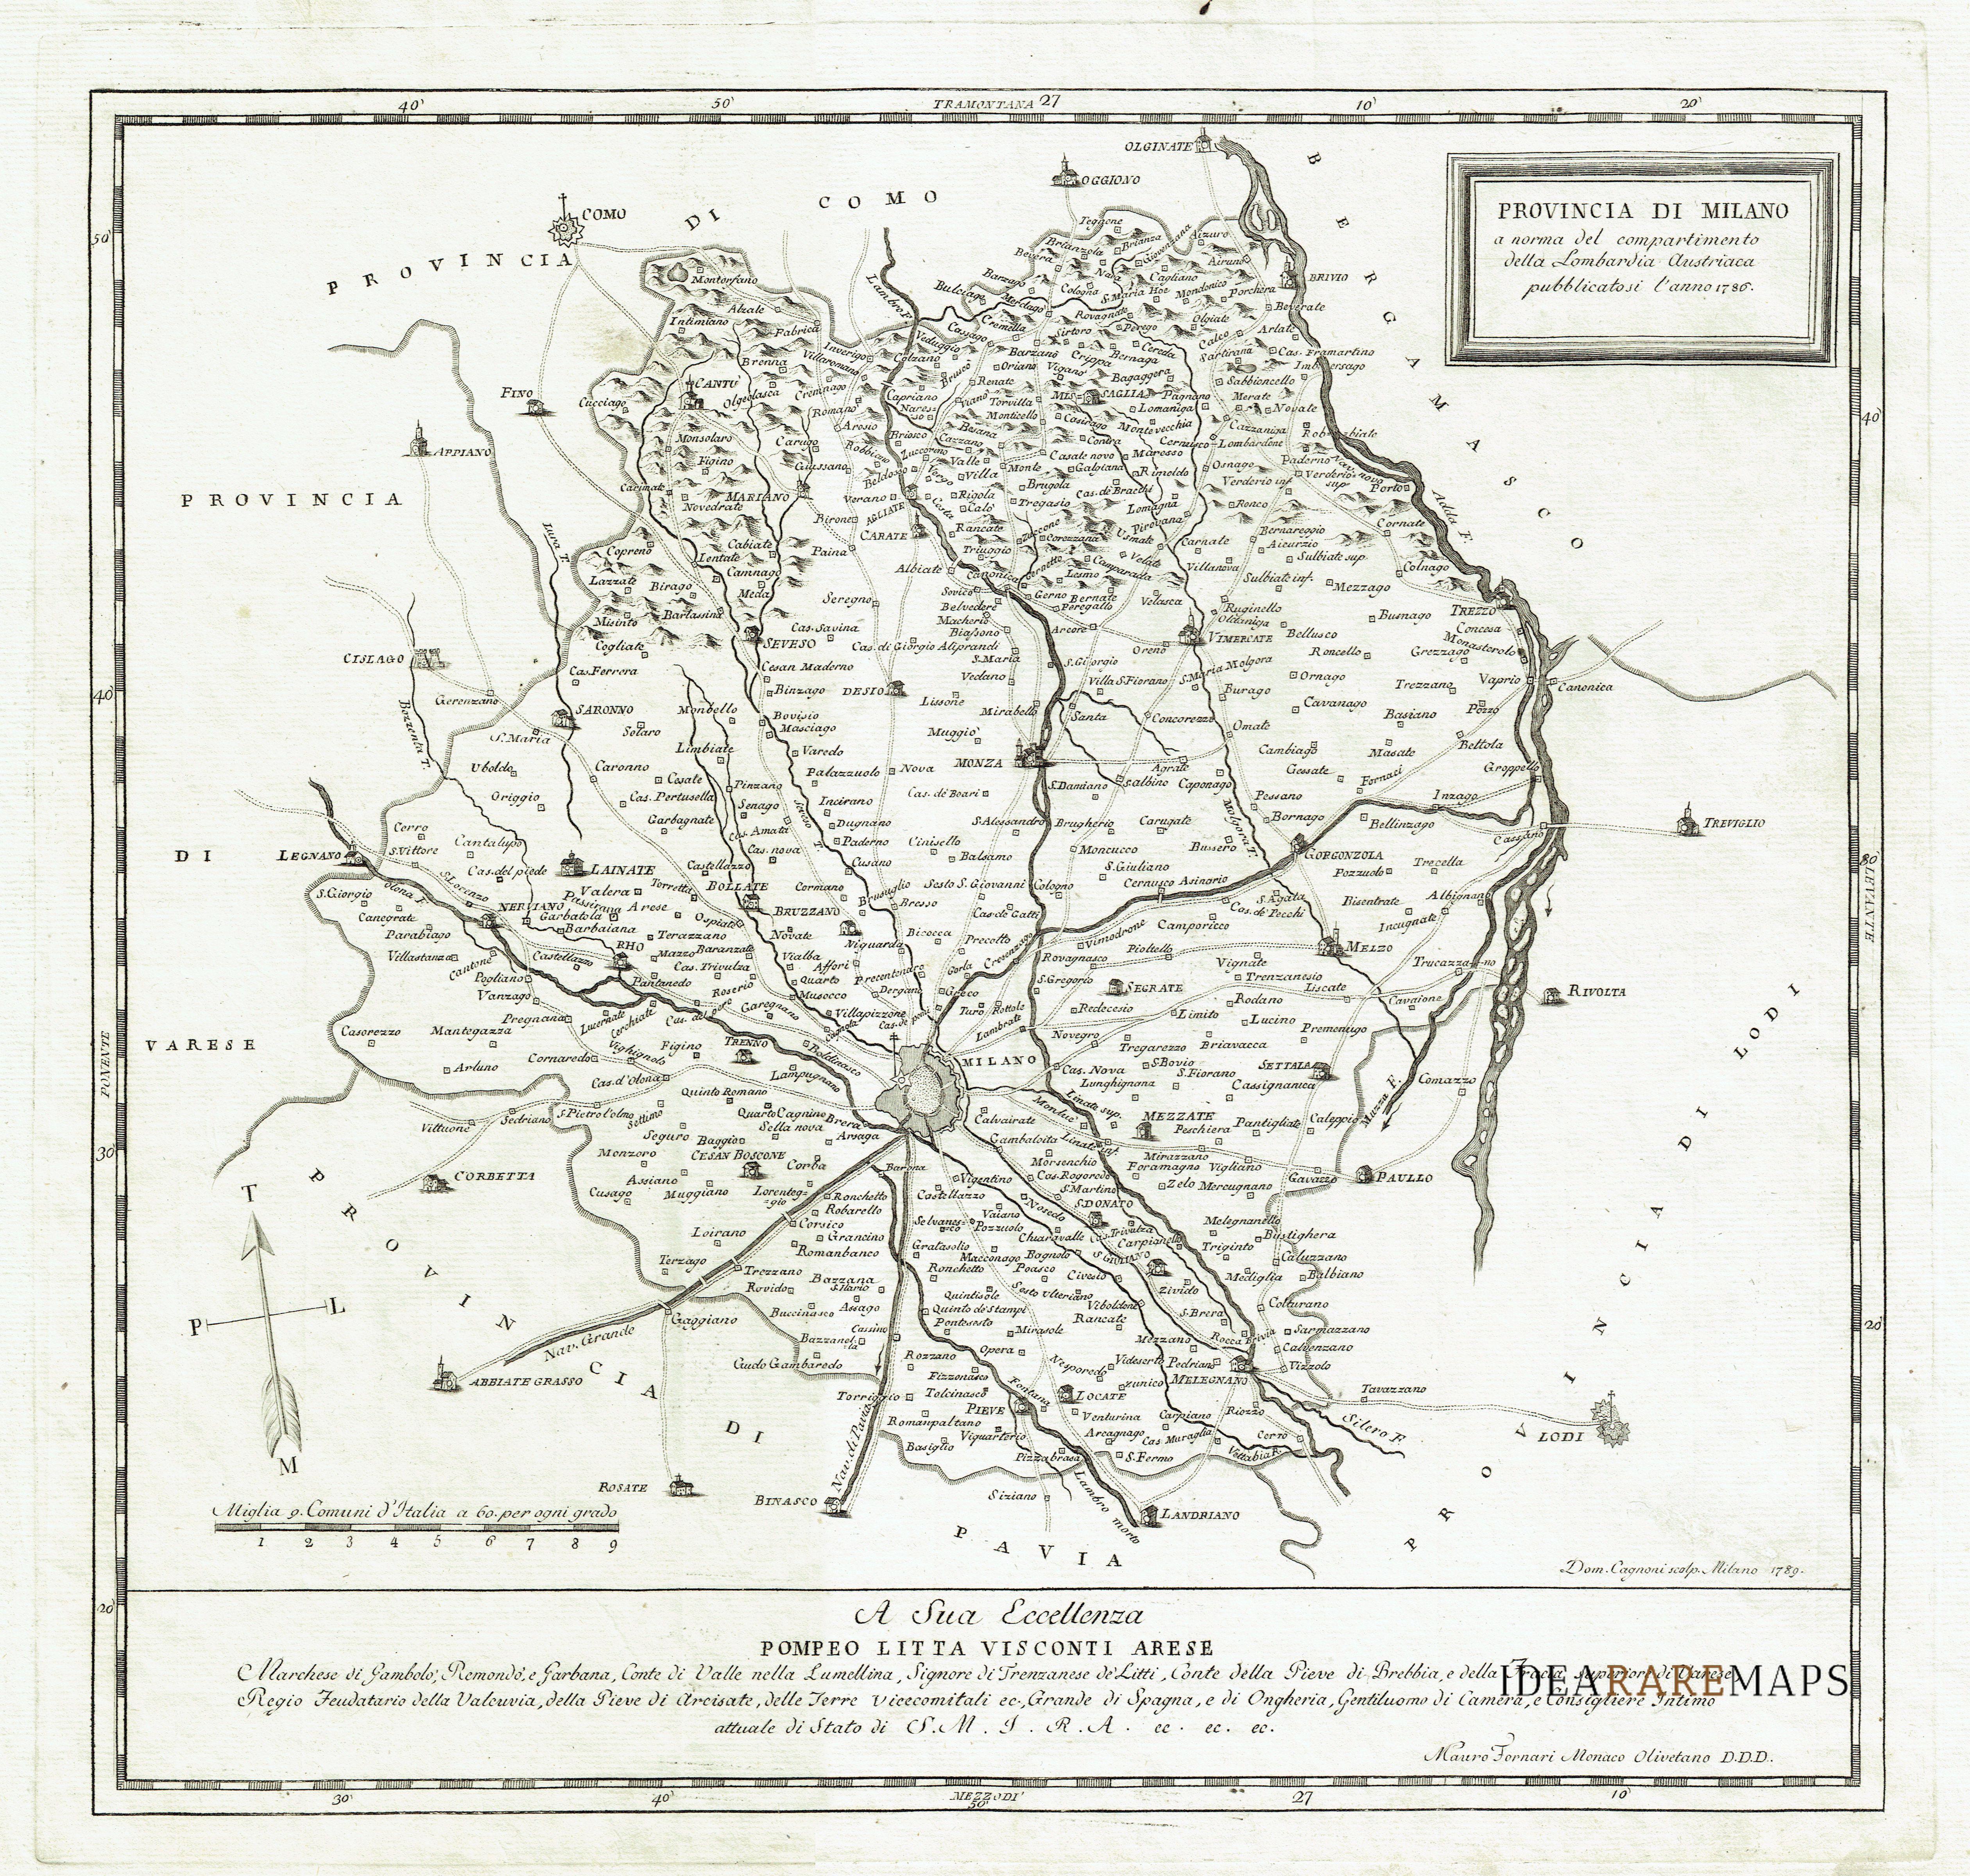 provincia di milano carta geografica antica